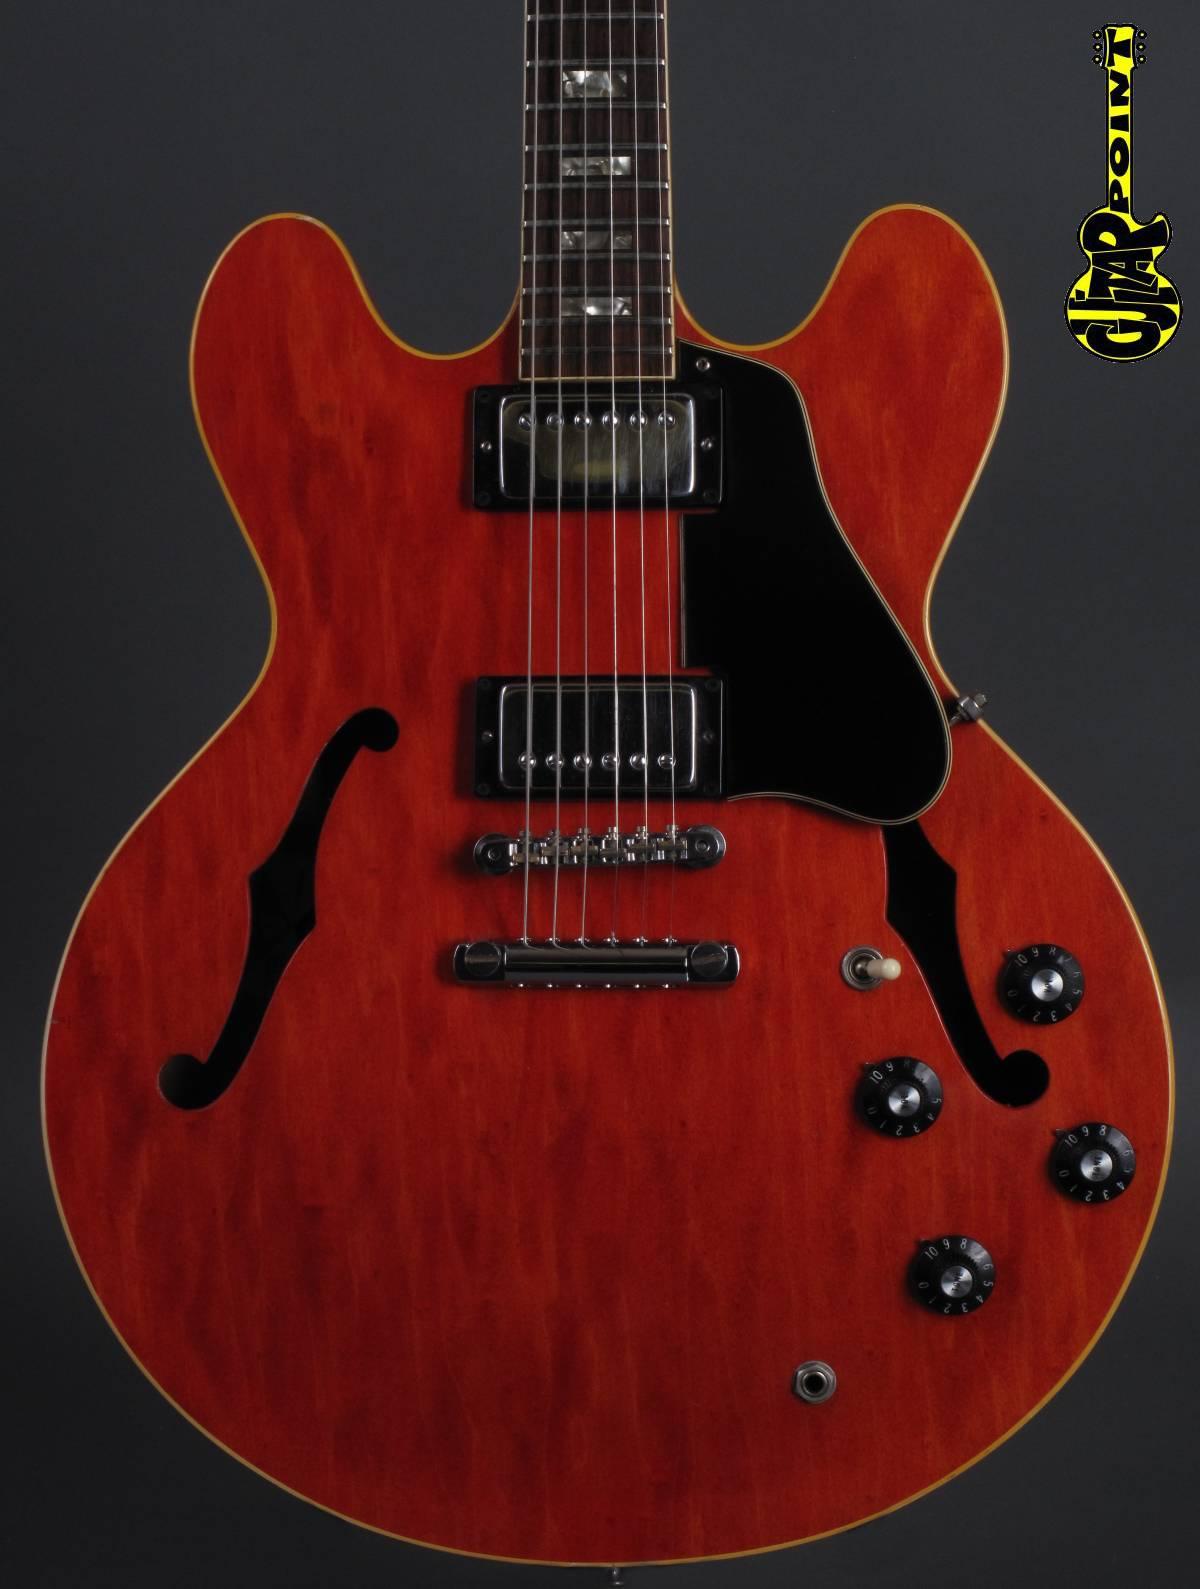 1973 Gibson ES-335 - Cherry